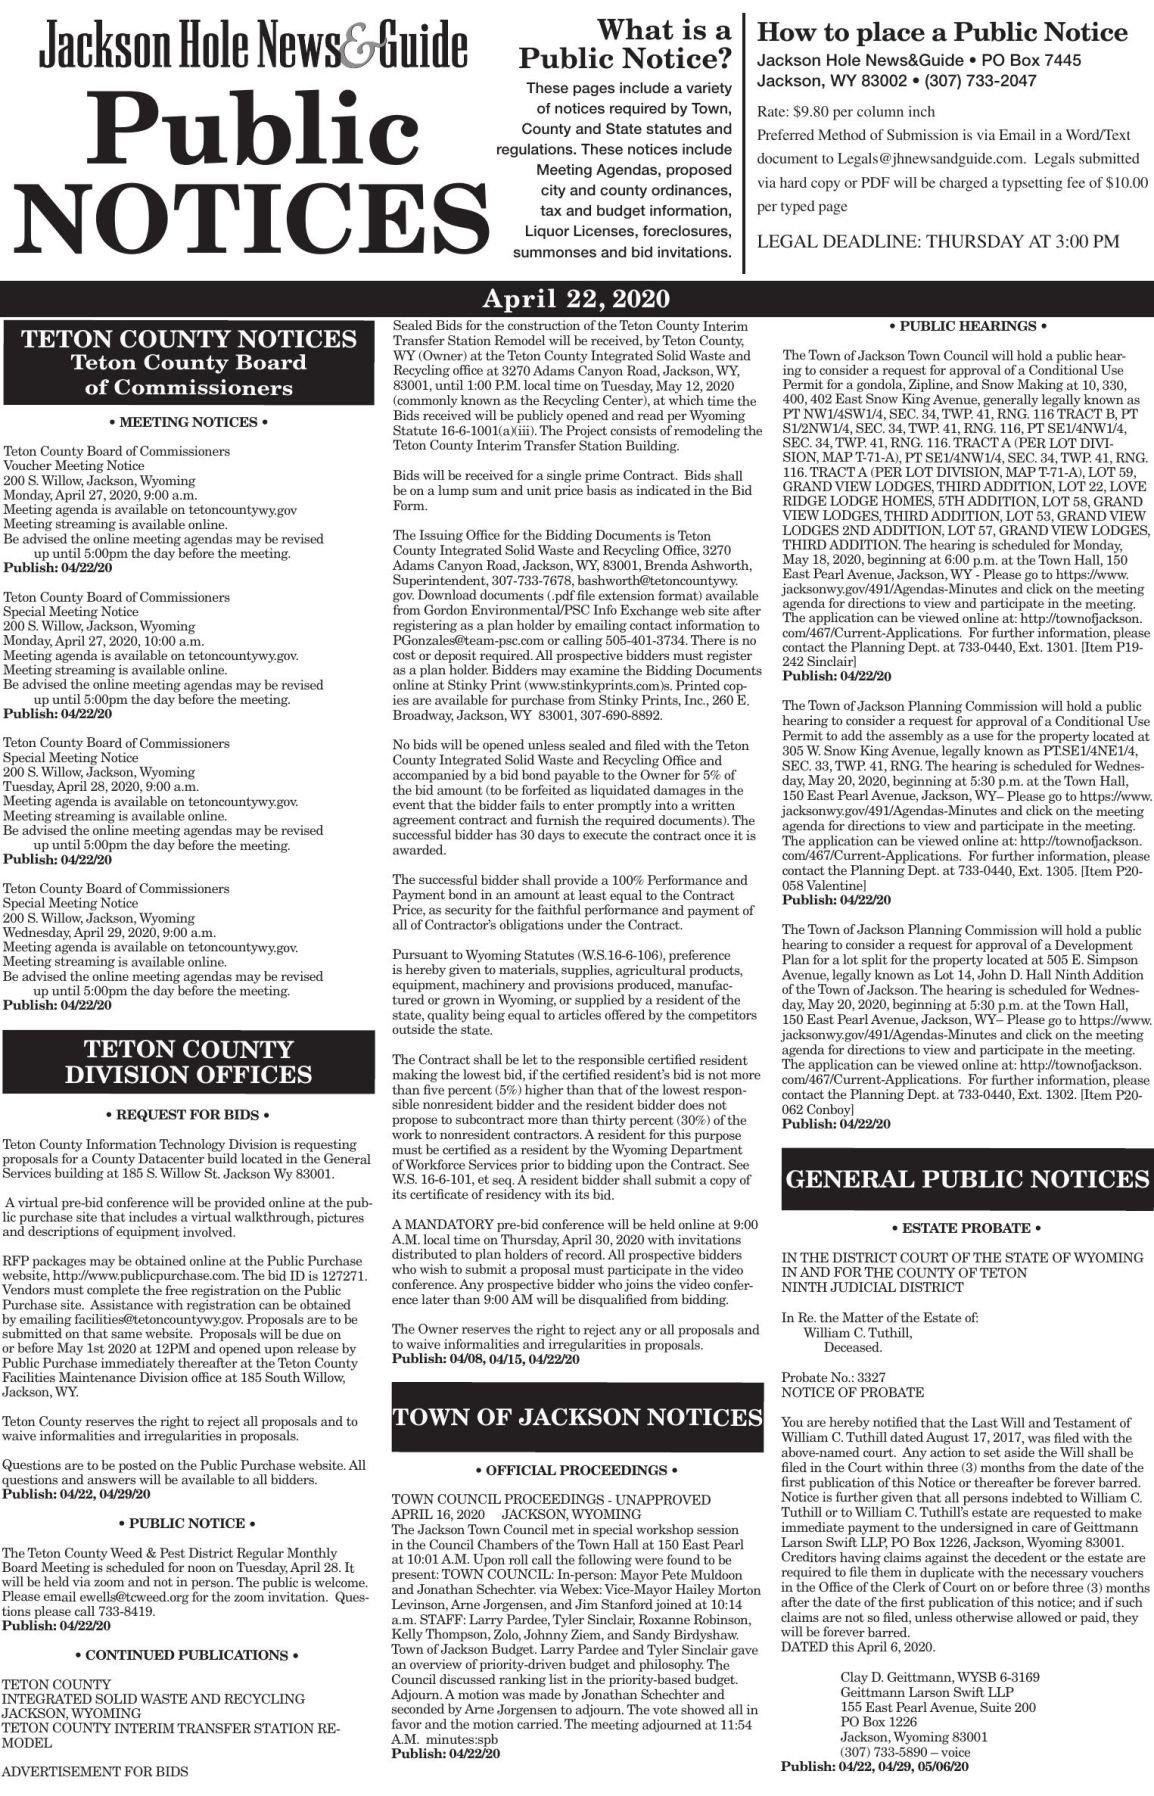 Public Notices, April 22, 2020